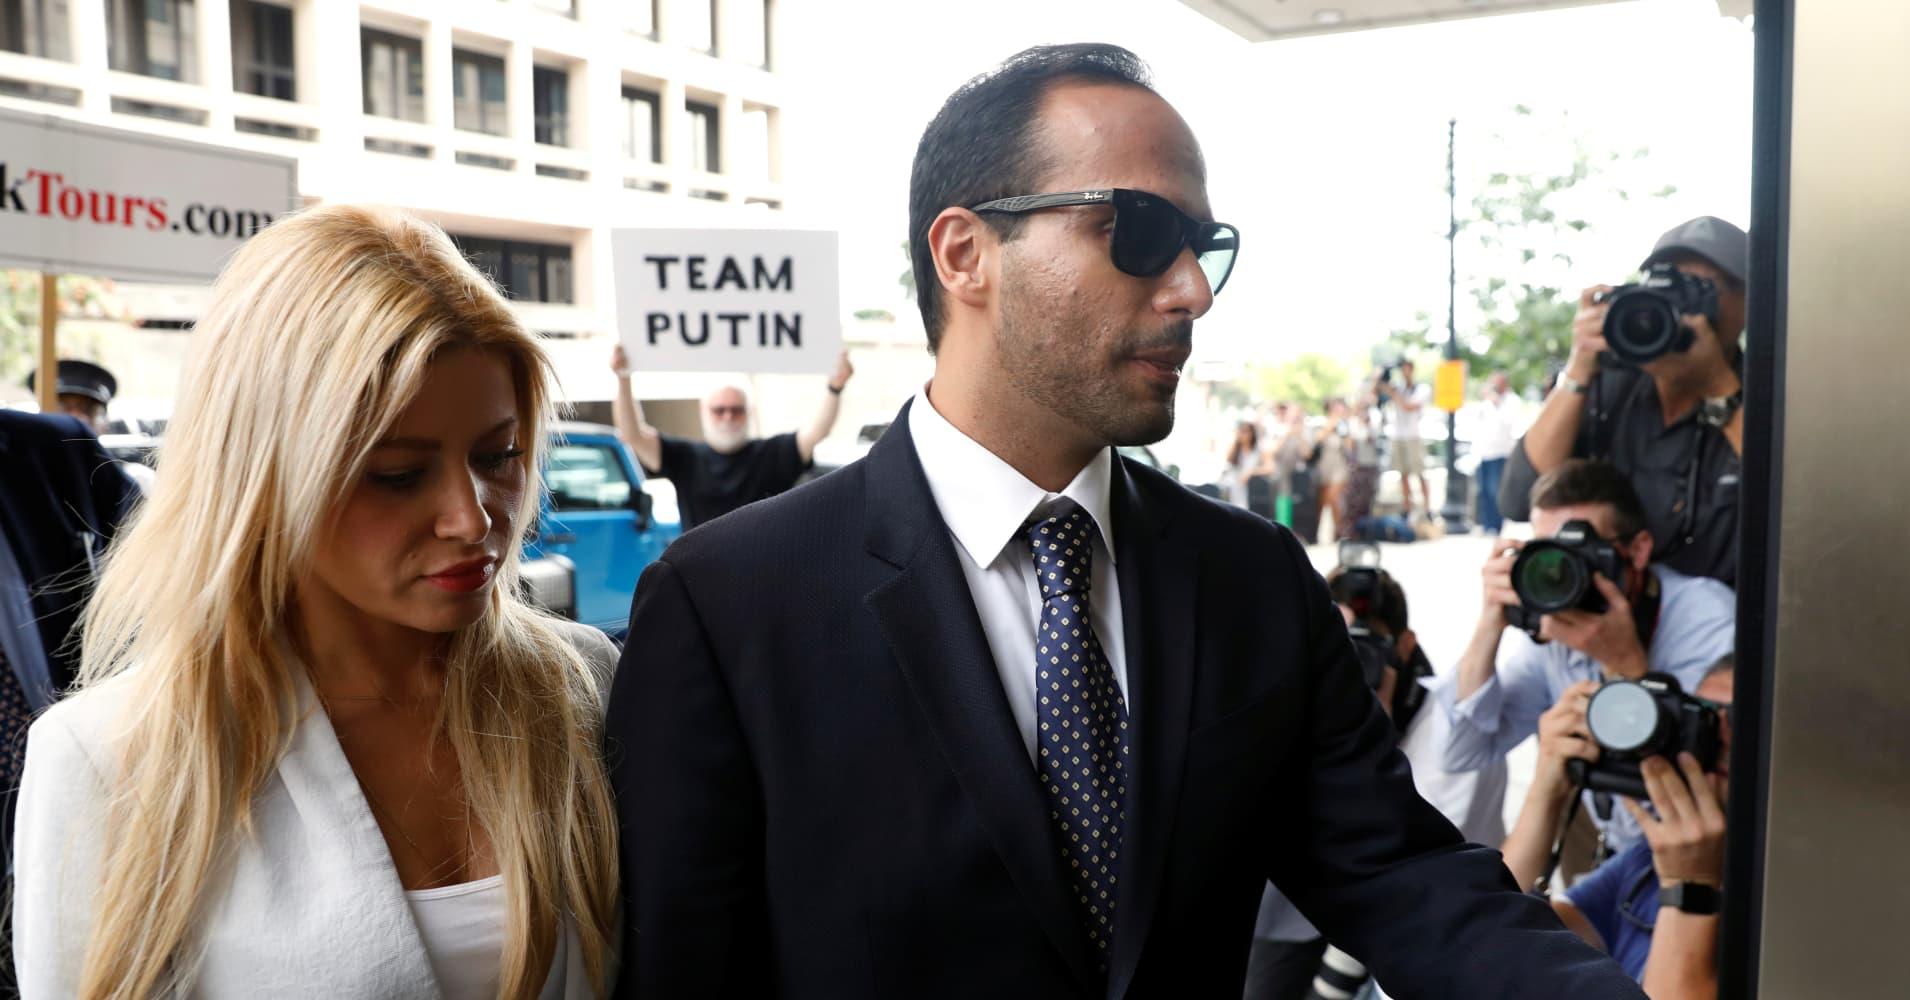 Former Trump campaign adviser Papadopoulos loses bid to delay prison term, must surrender on Monday